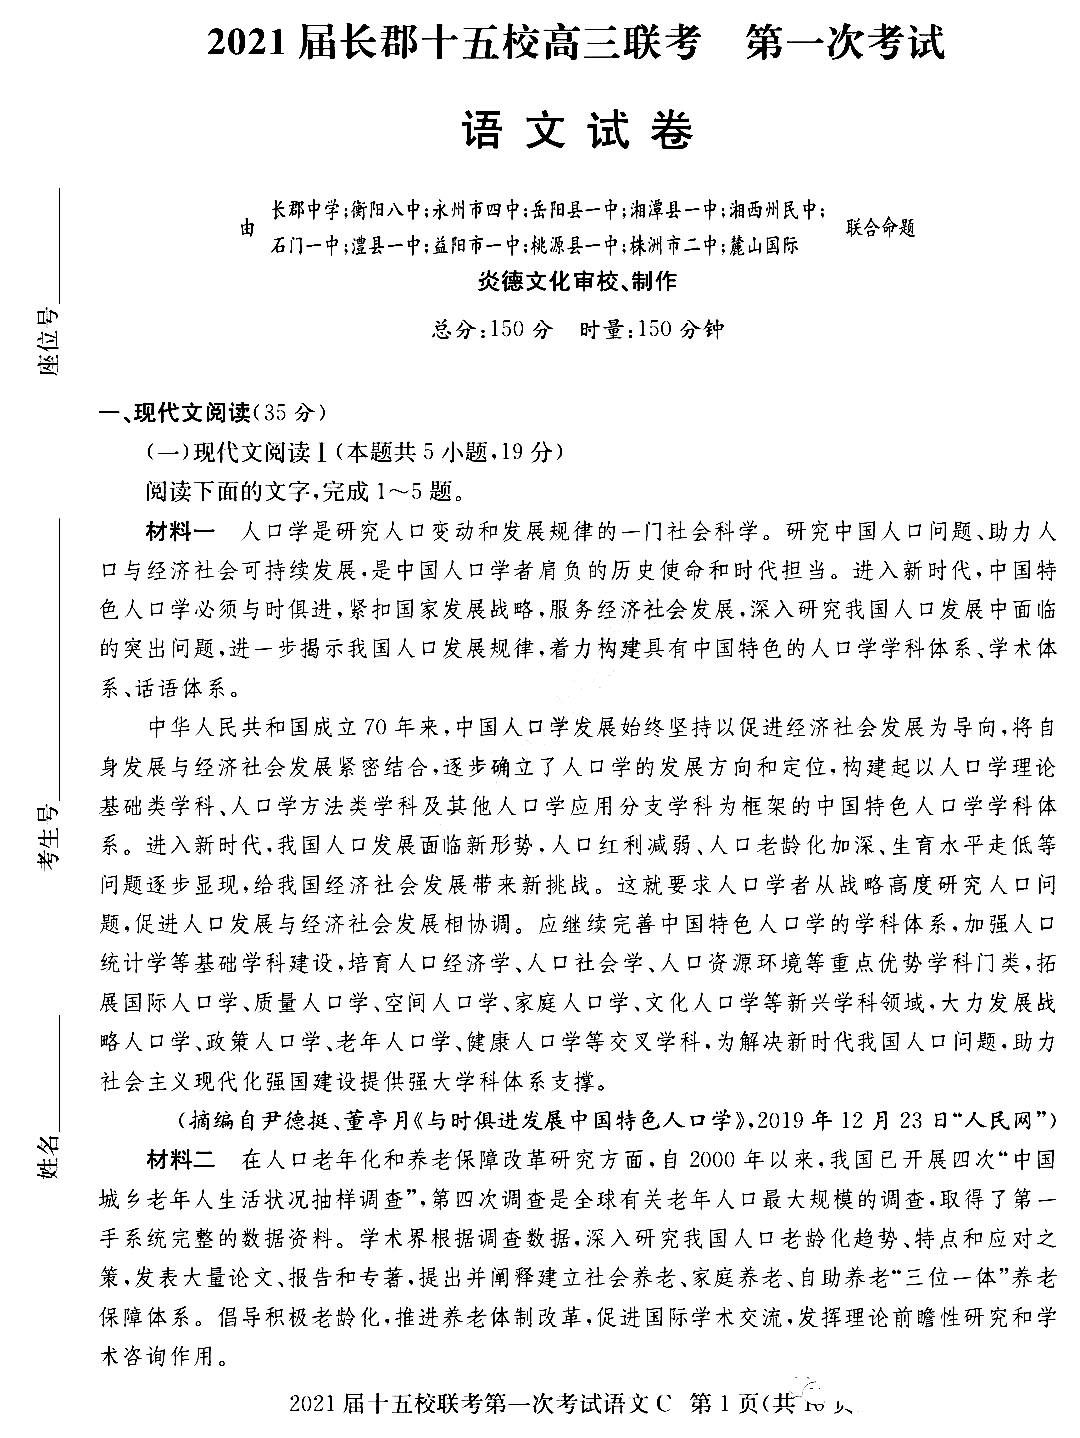 2021届湖南长郡十五校高三联考第一次考试语文试卷答案解析图1